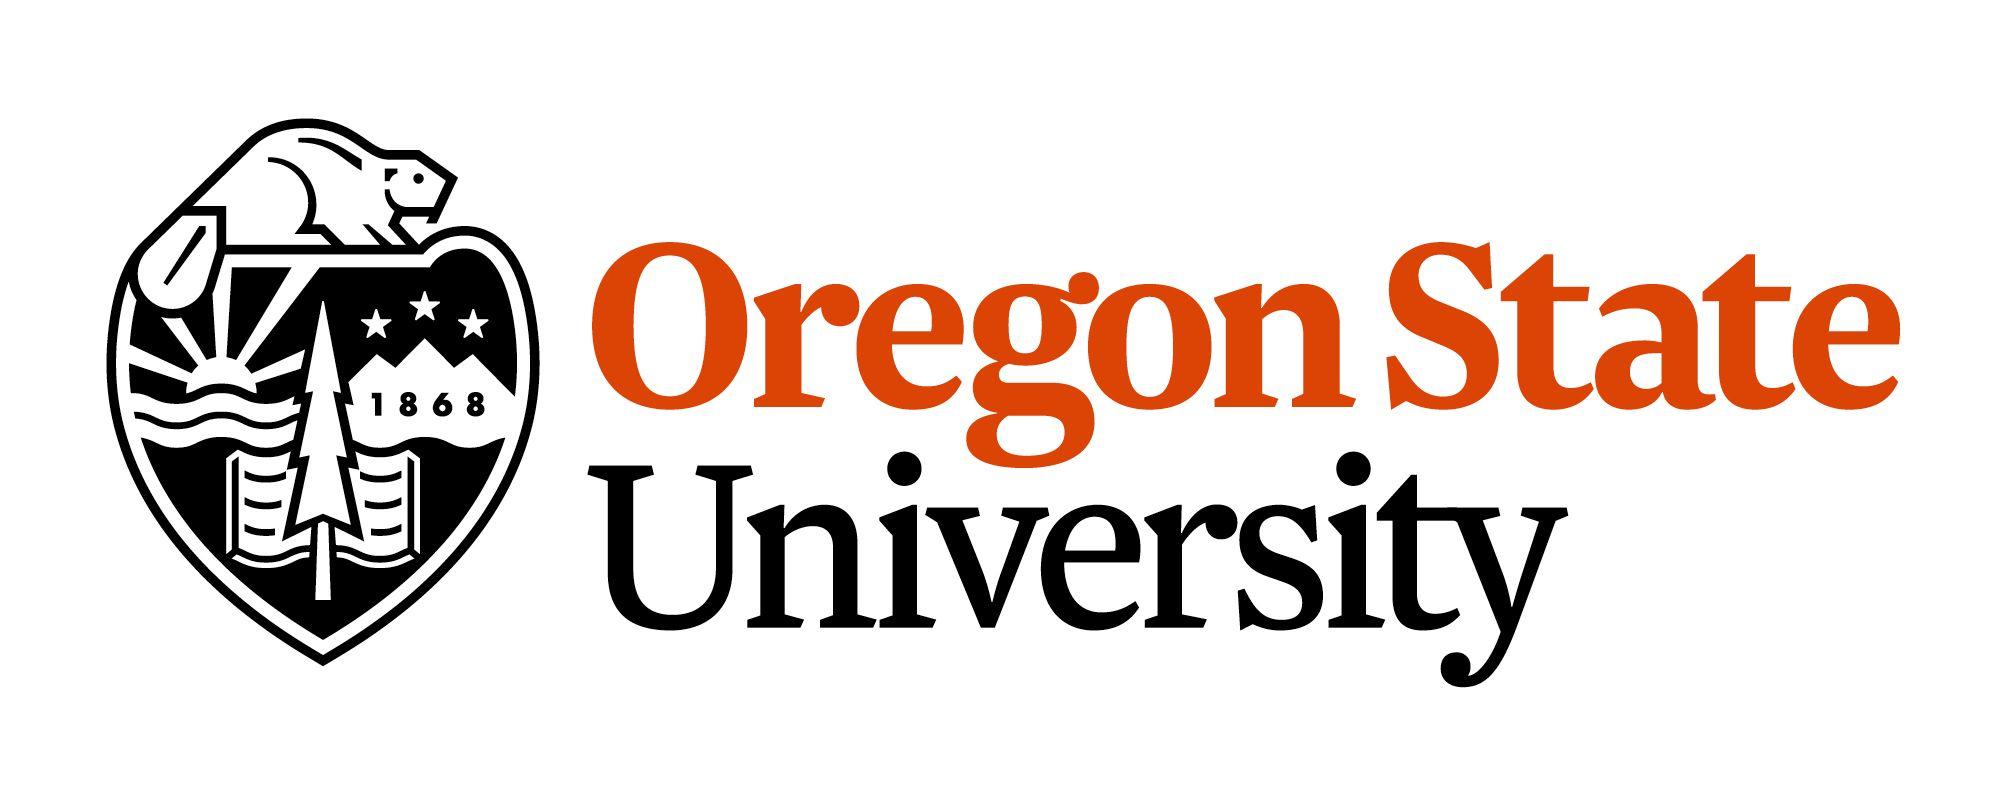 USO - collegecliffs.com